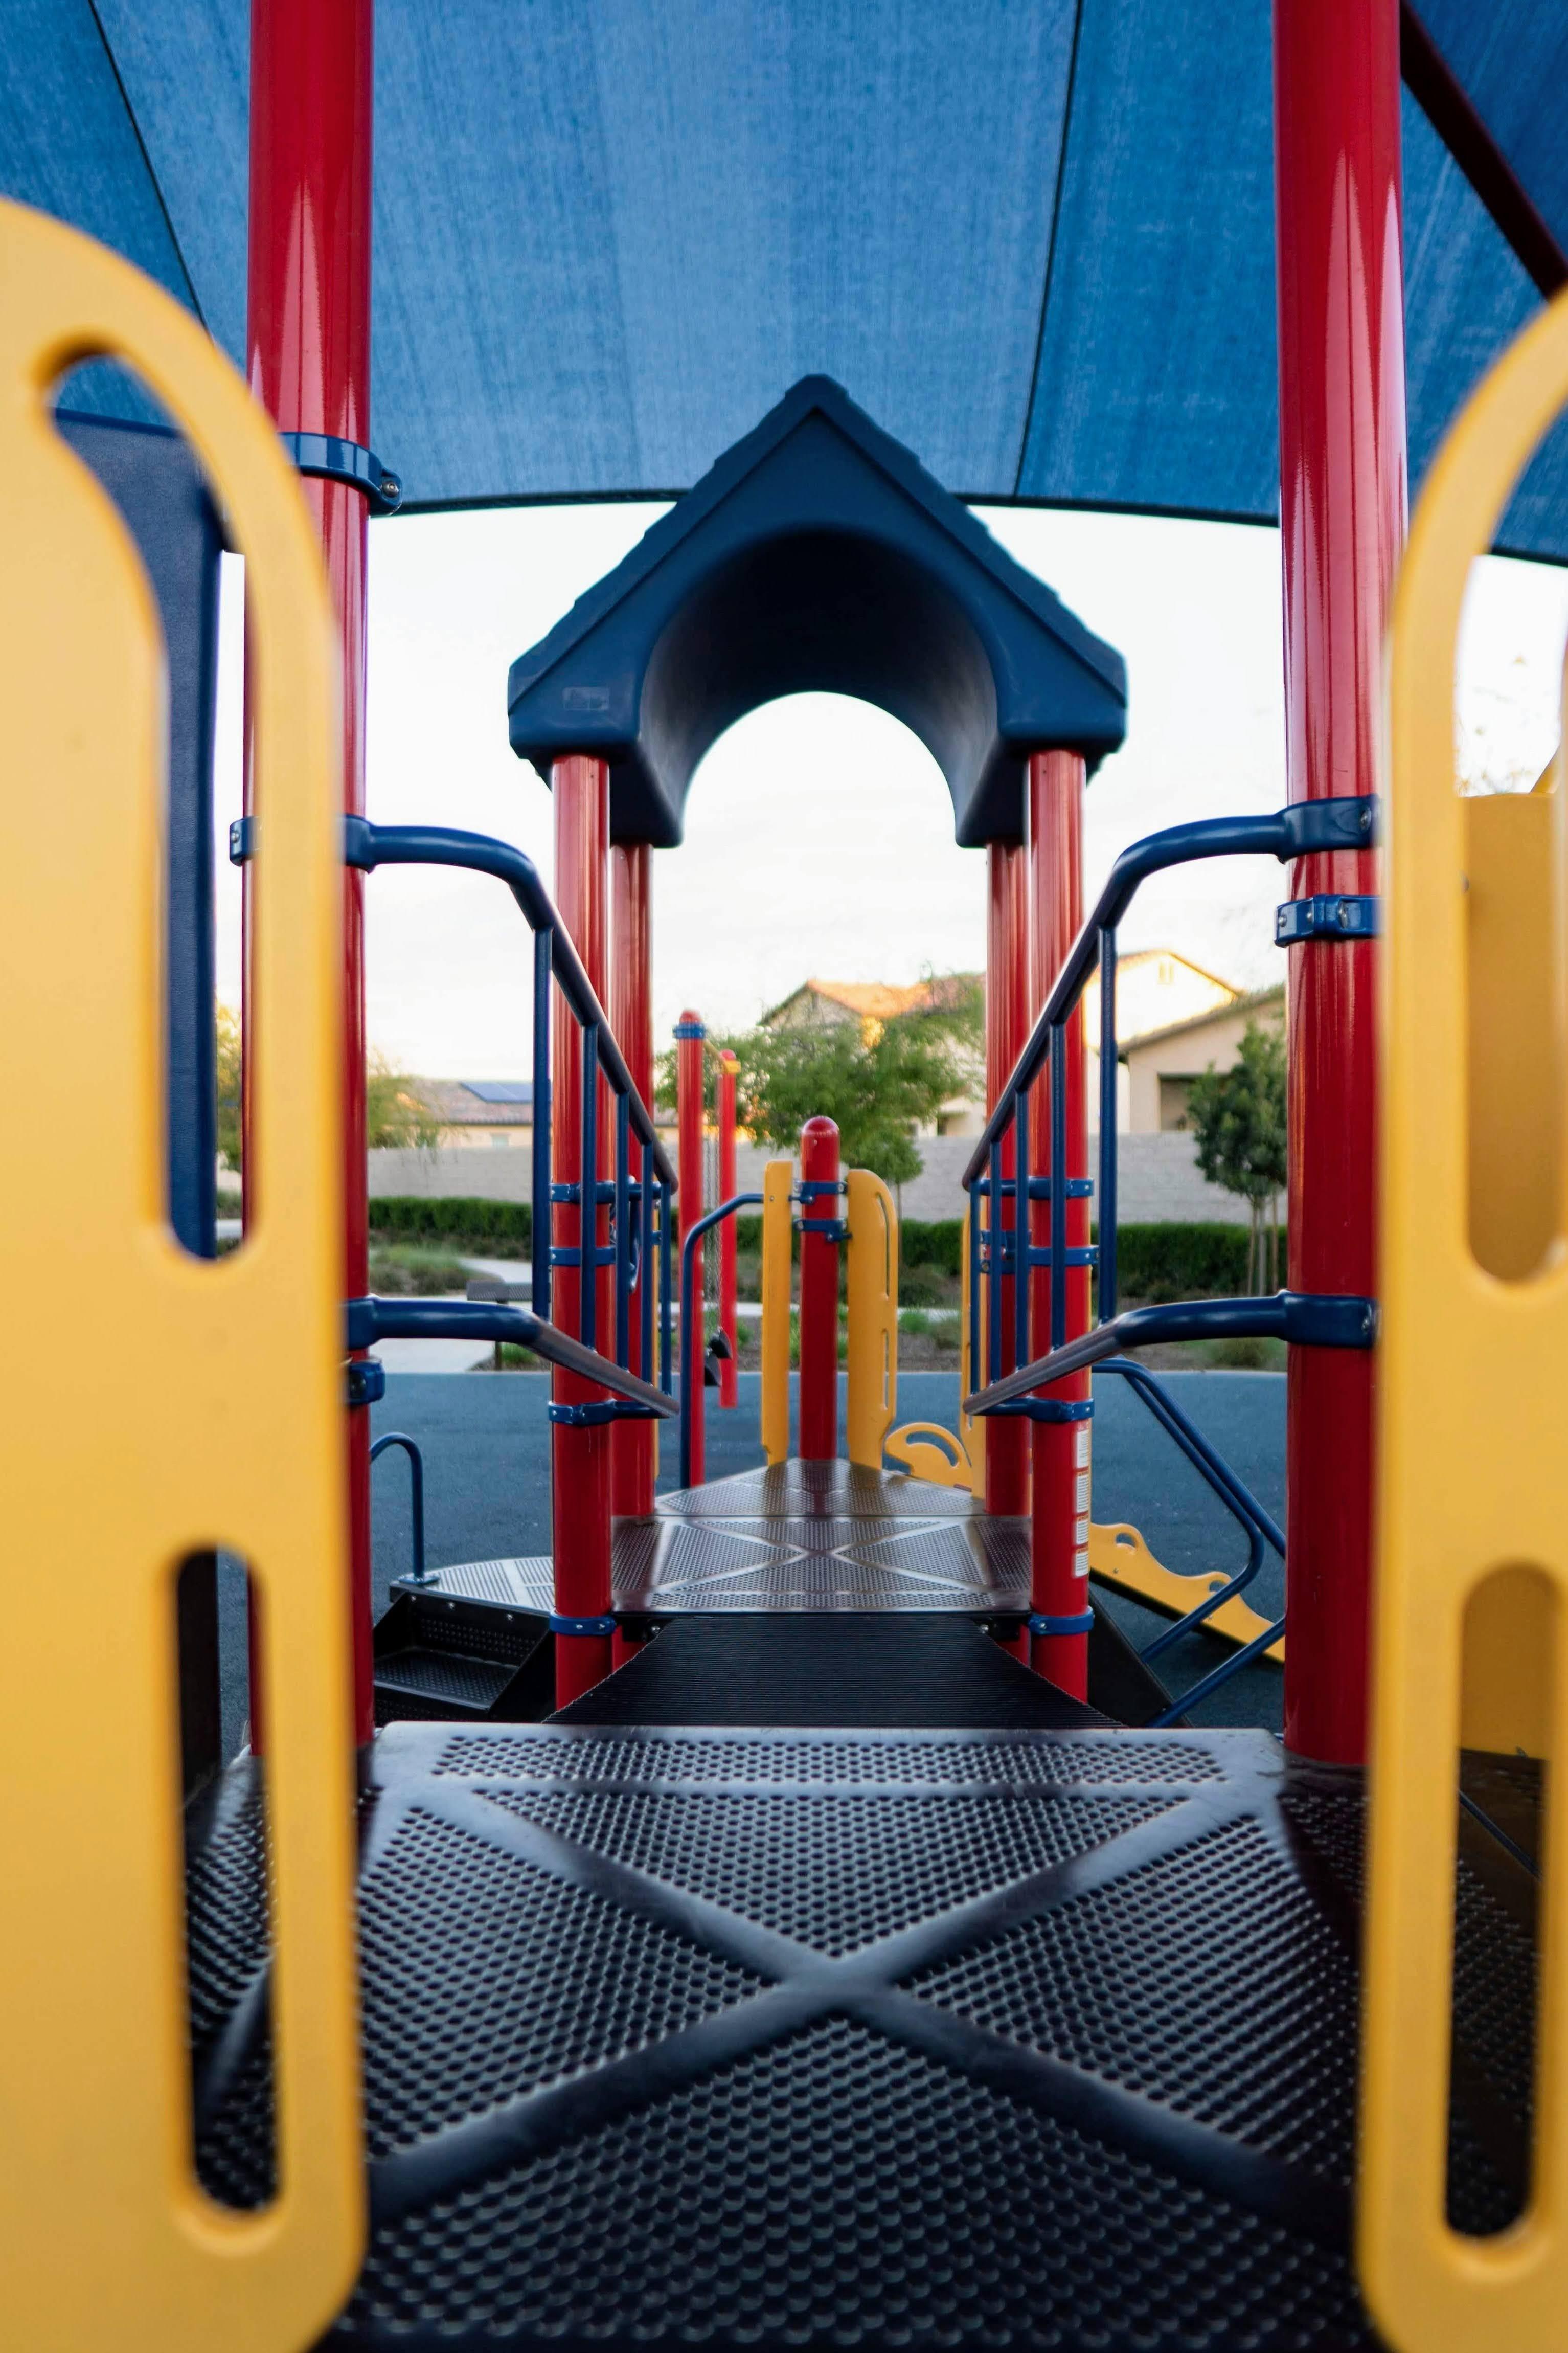 Multicolored Playground | Photo by Ryan Sepulveda via Unsplash